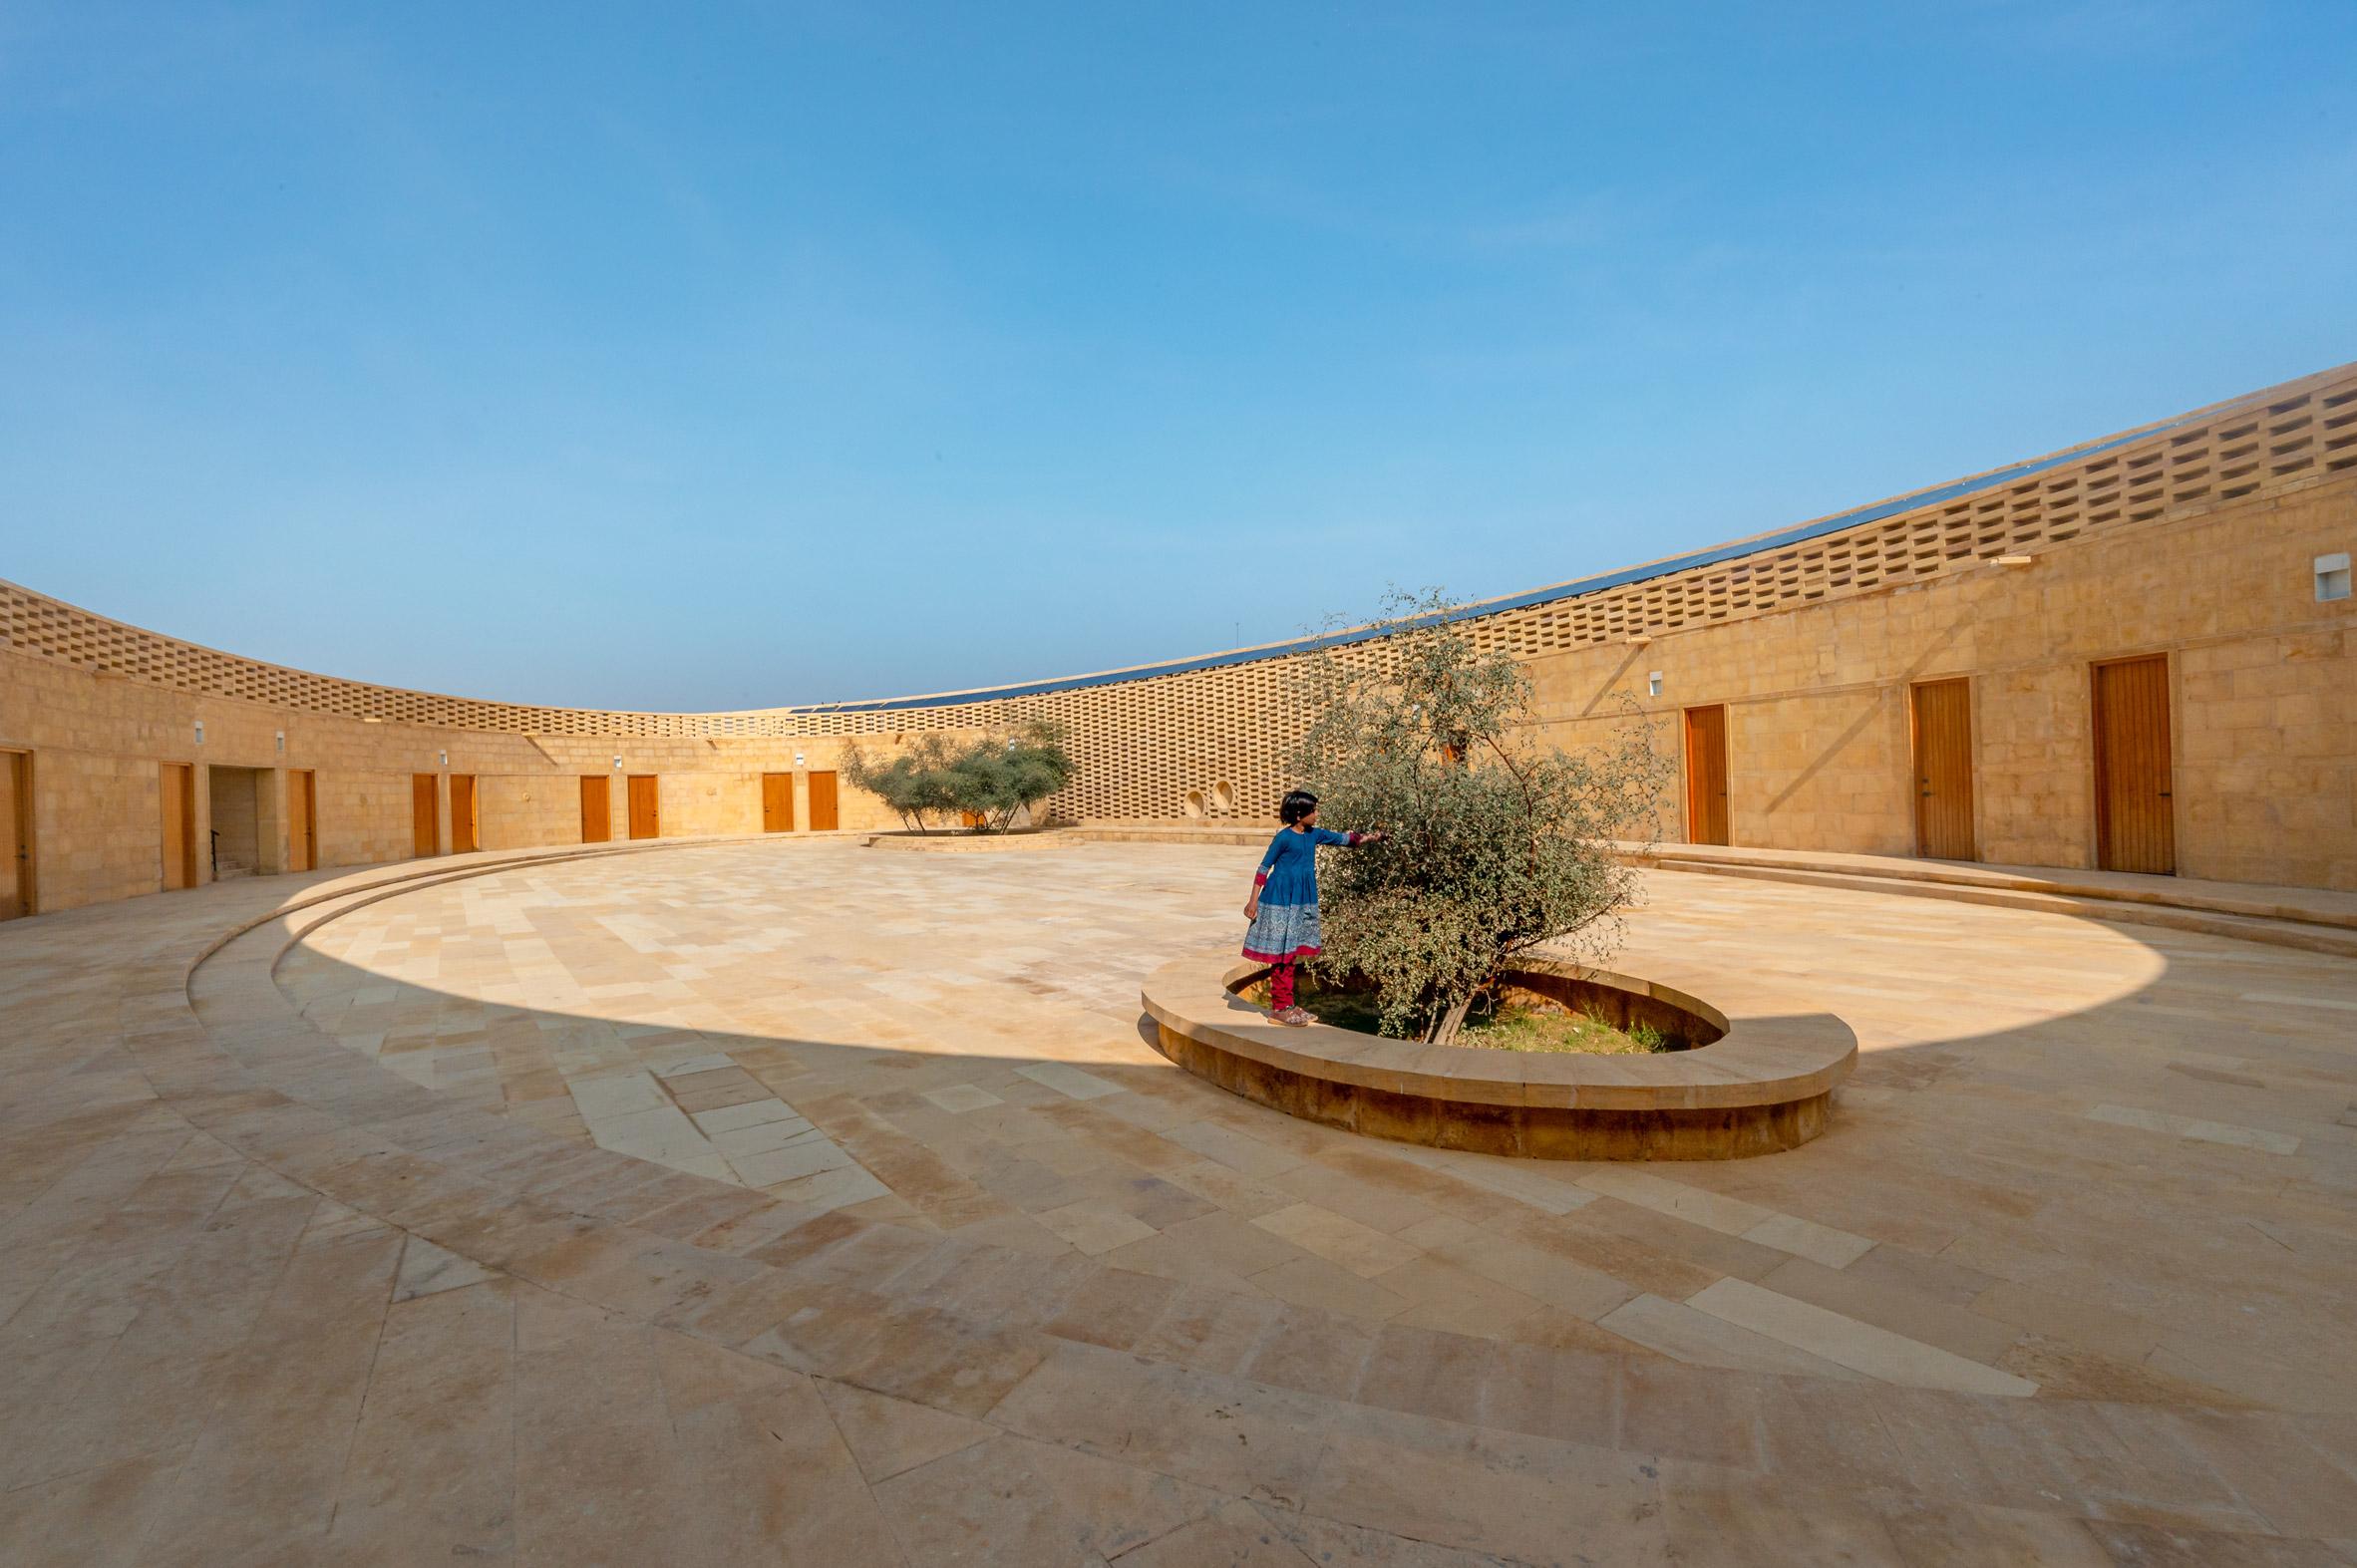 Tiene una superficie de más de 800 m2